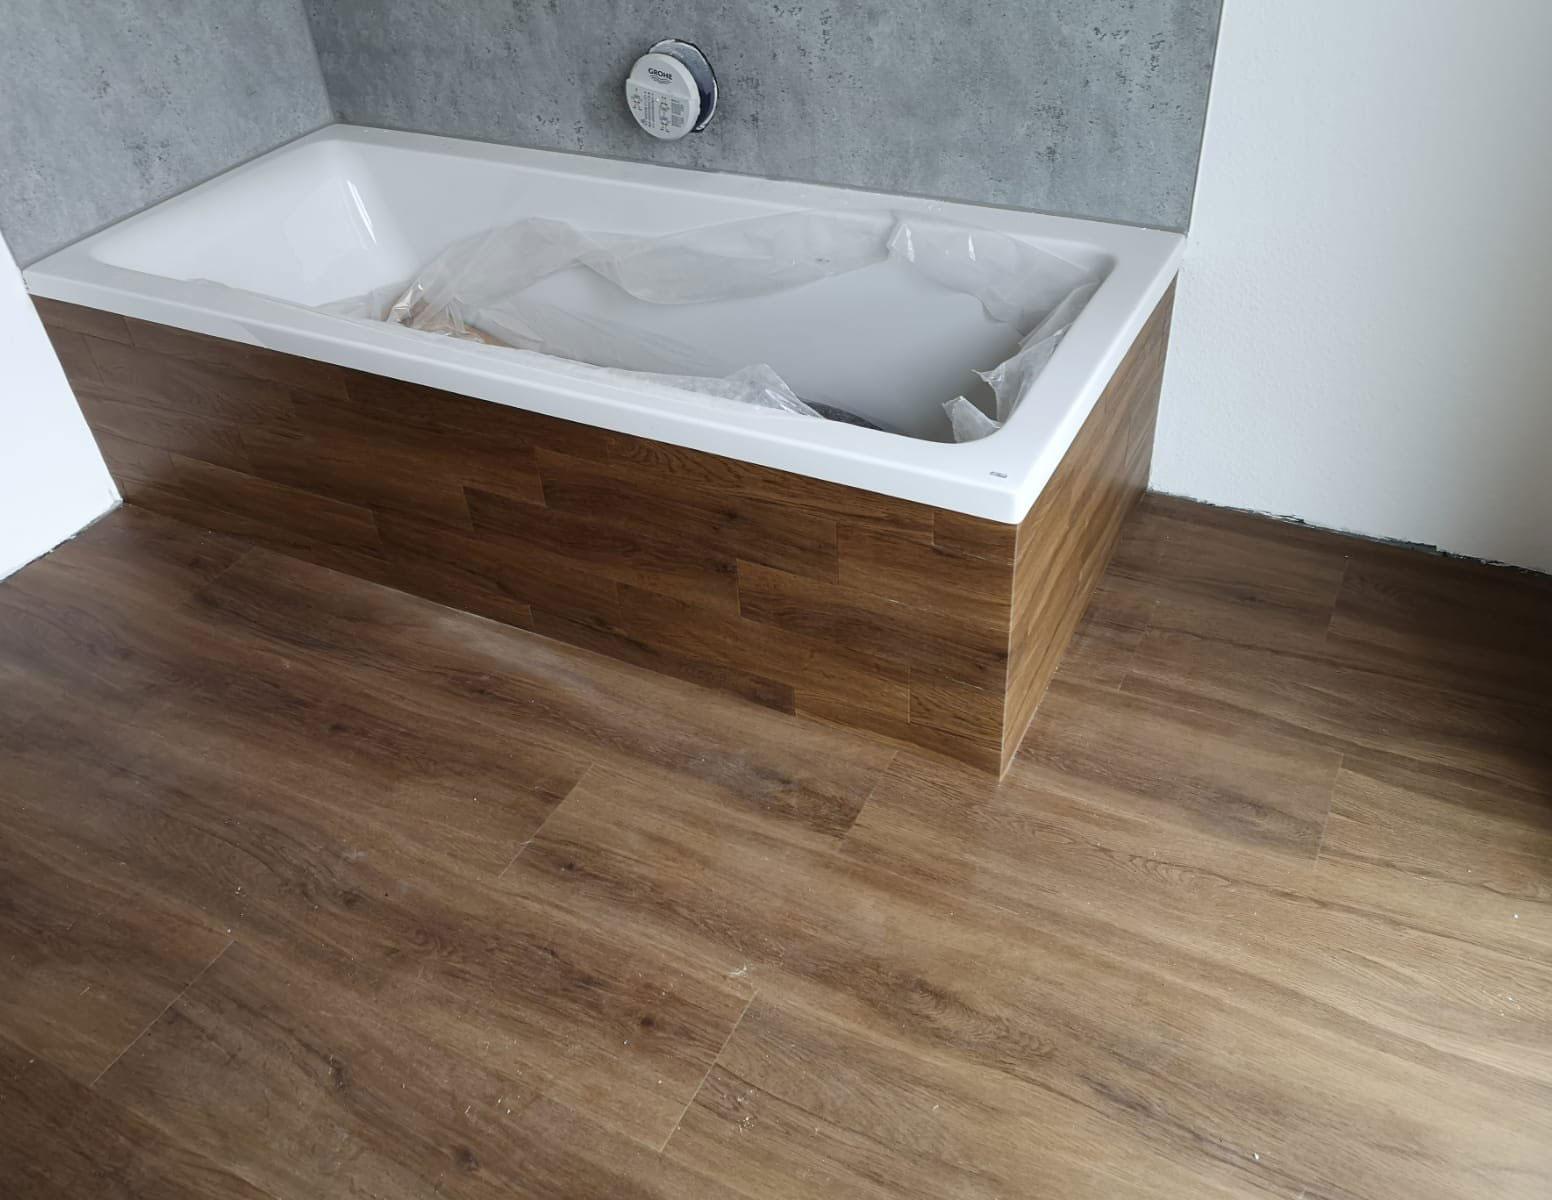 Habillage de baignoire en vinyle, après | Références | marx Holzhandel, Neuried